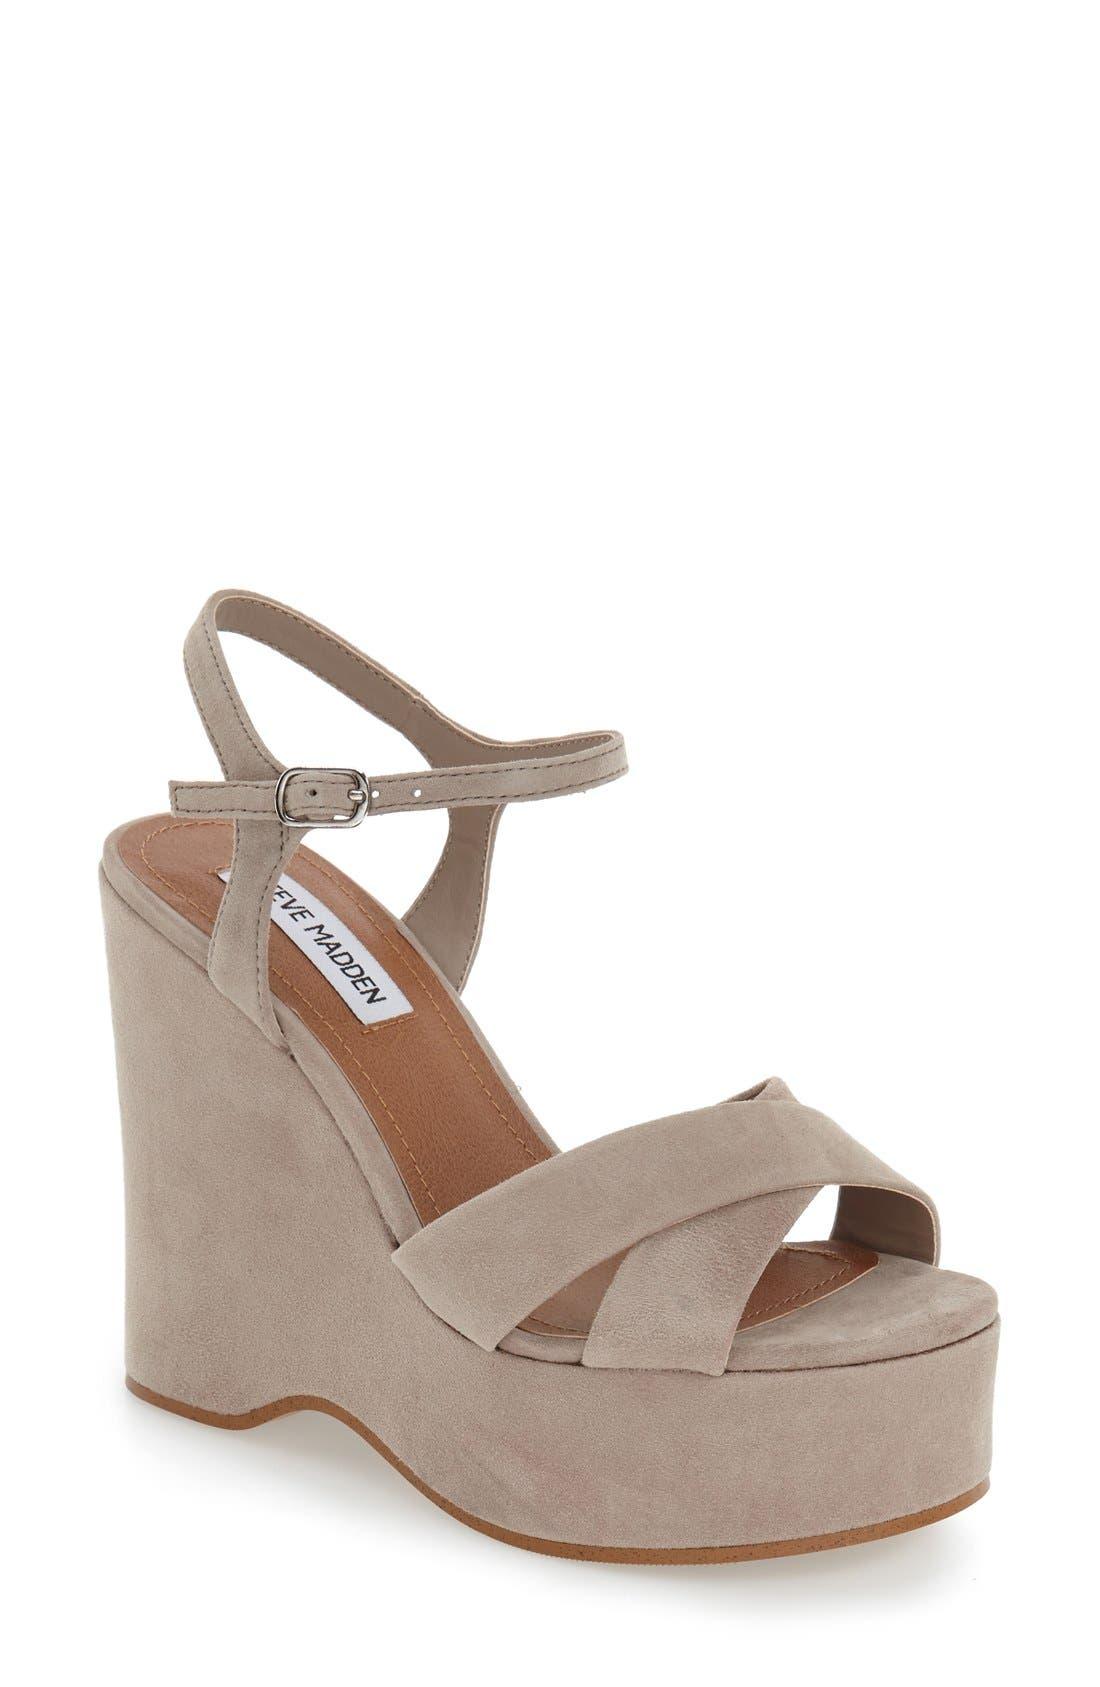 Main Image - Steve Madden 'Casper' Platform Wedge Sandal (Women)